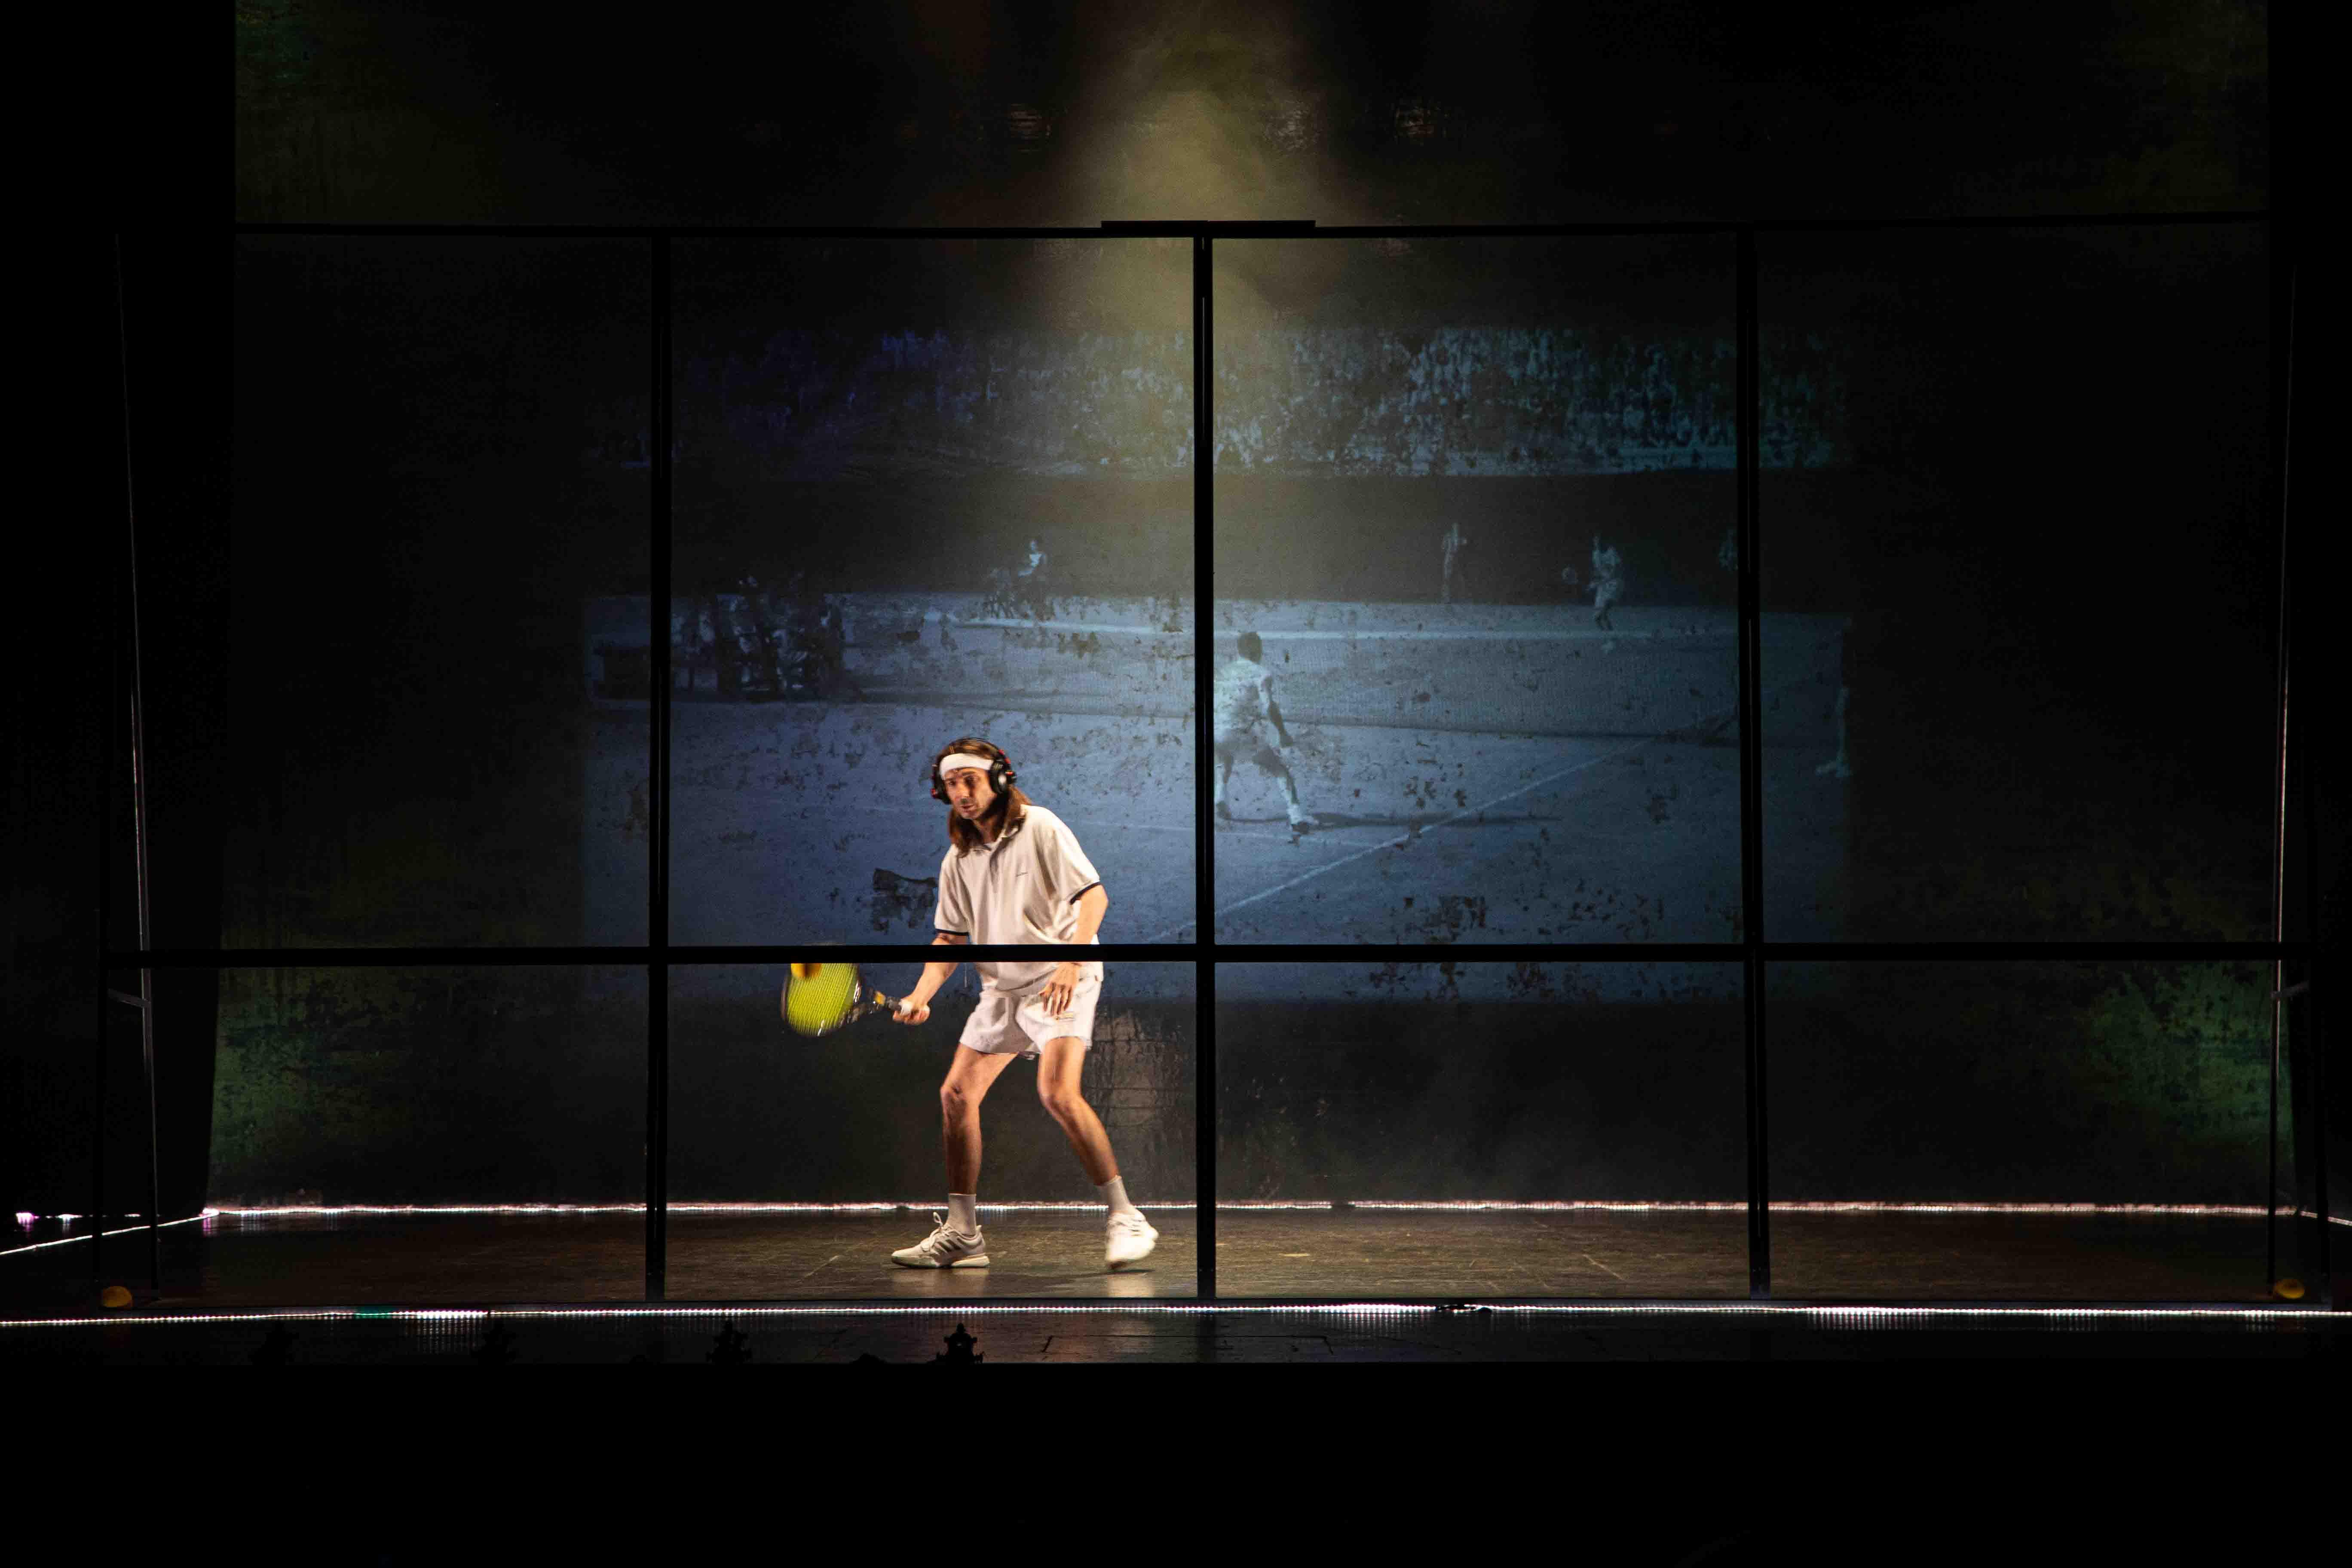 Tennis Foto di scena 23